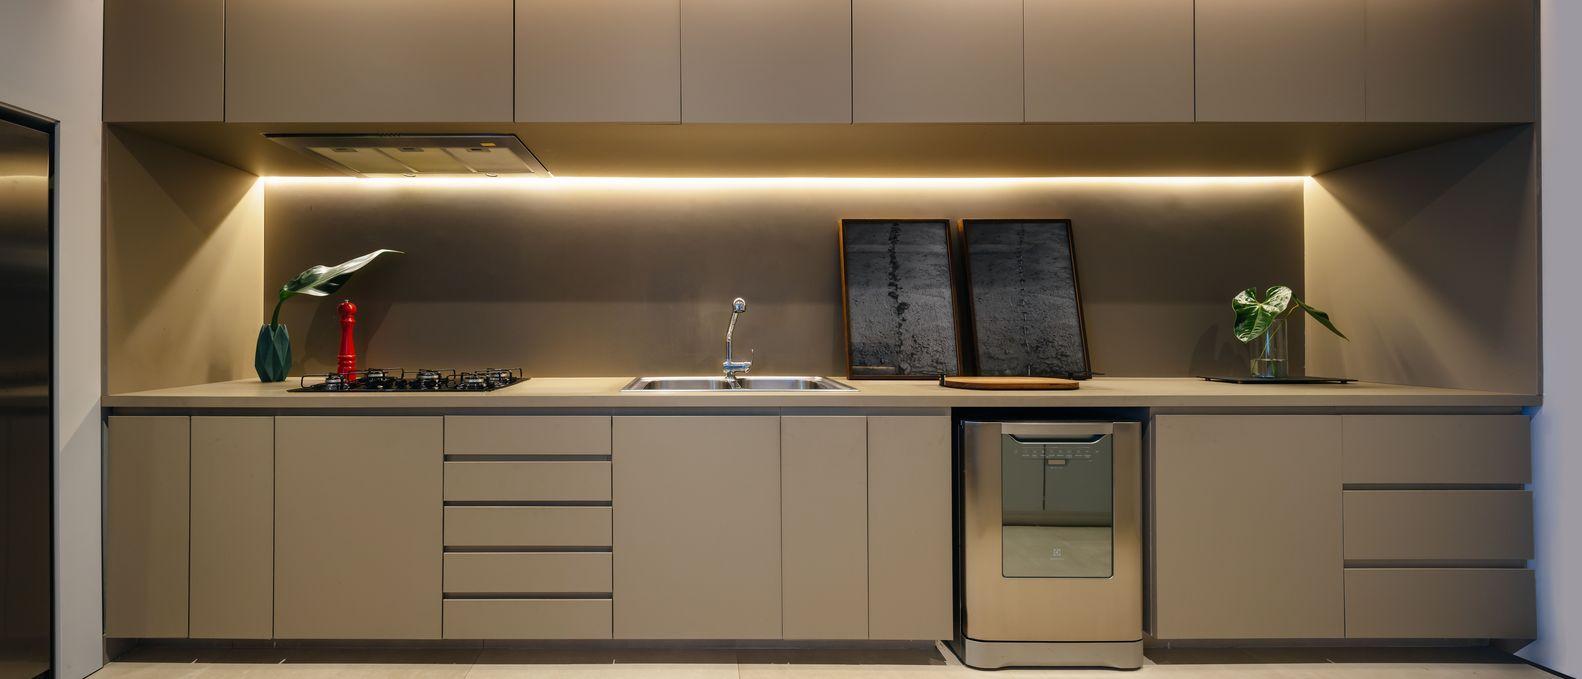 Tủ bếp không tay nắm tạo ra một giao diện hoàn hảo và bóng bẩy.